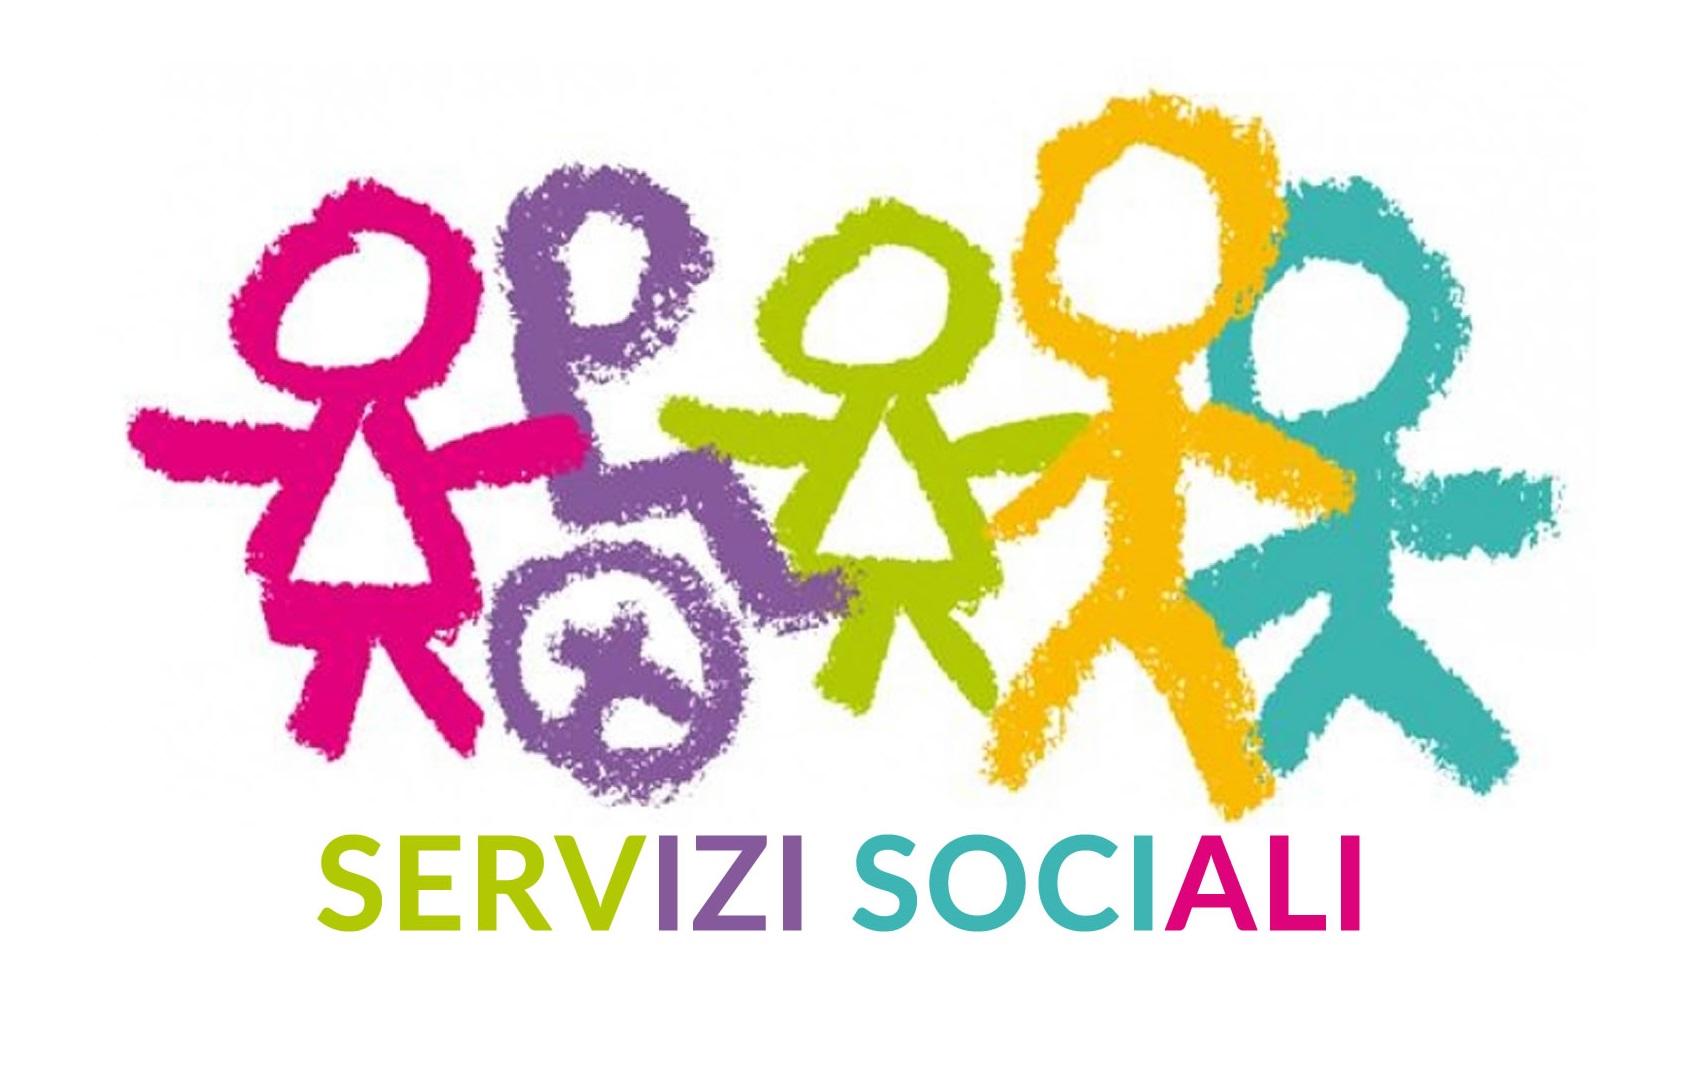 NUOVA ORGANIZZAZIONE SERVIZI SOCIALI